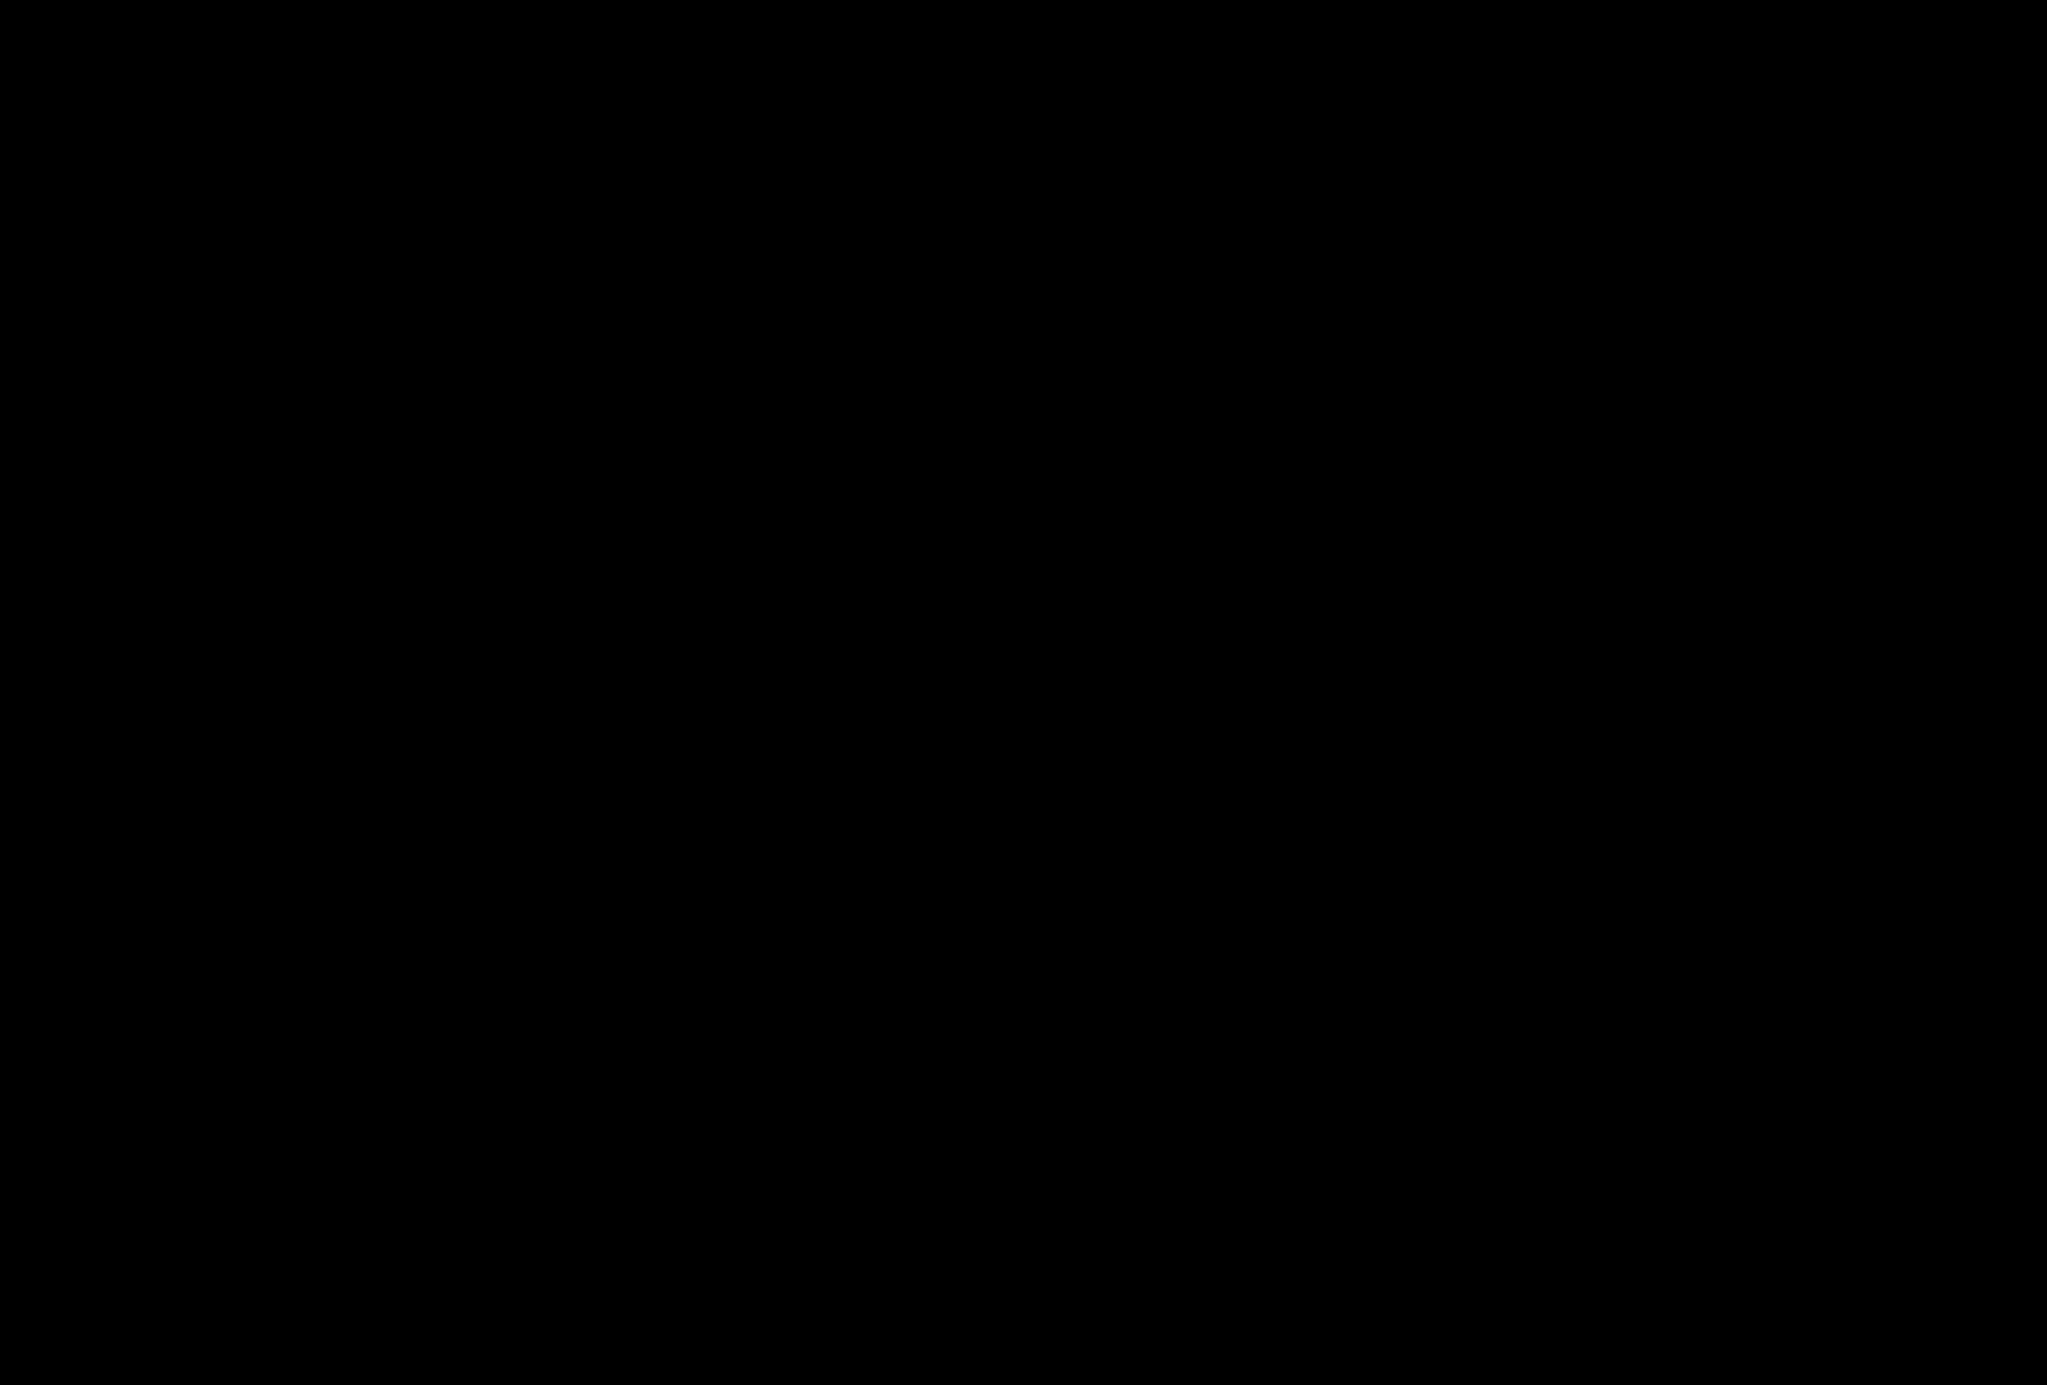 L'HEURE PHILO AVEC GREGORY DARBADIE: » A QUI DOIS-JE LA VERITE?» / Mardi 26 novembre, 19h00 (Maison d'Auguste Comte)